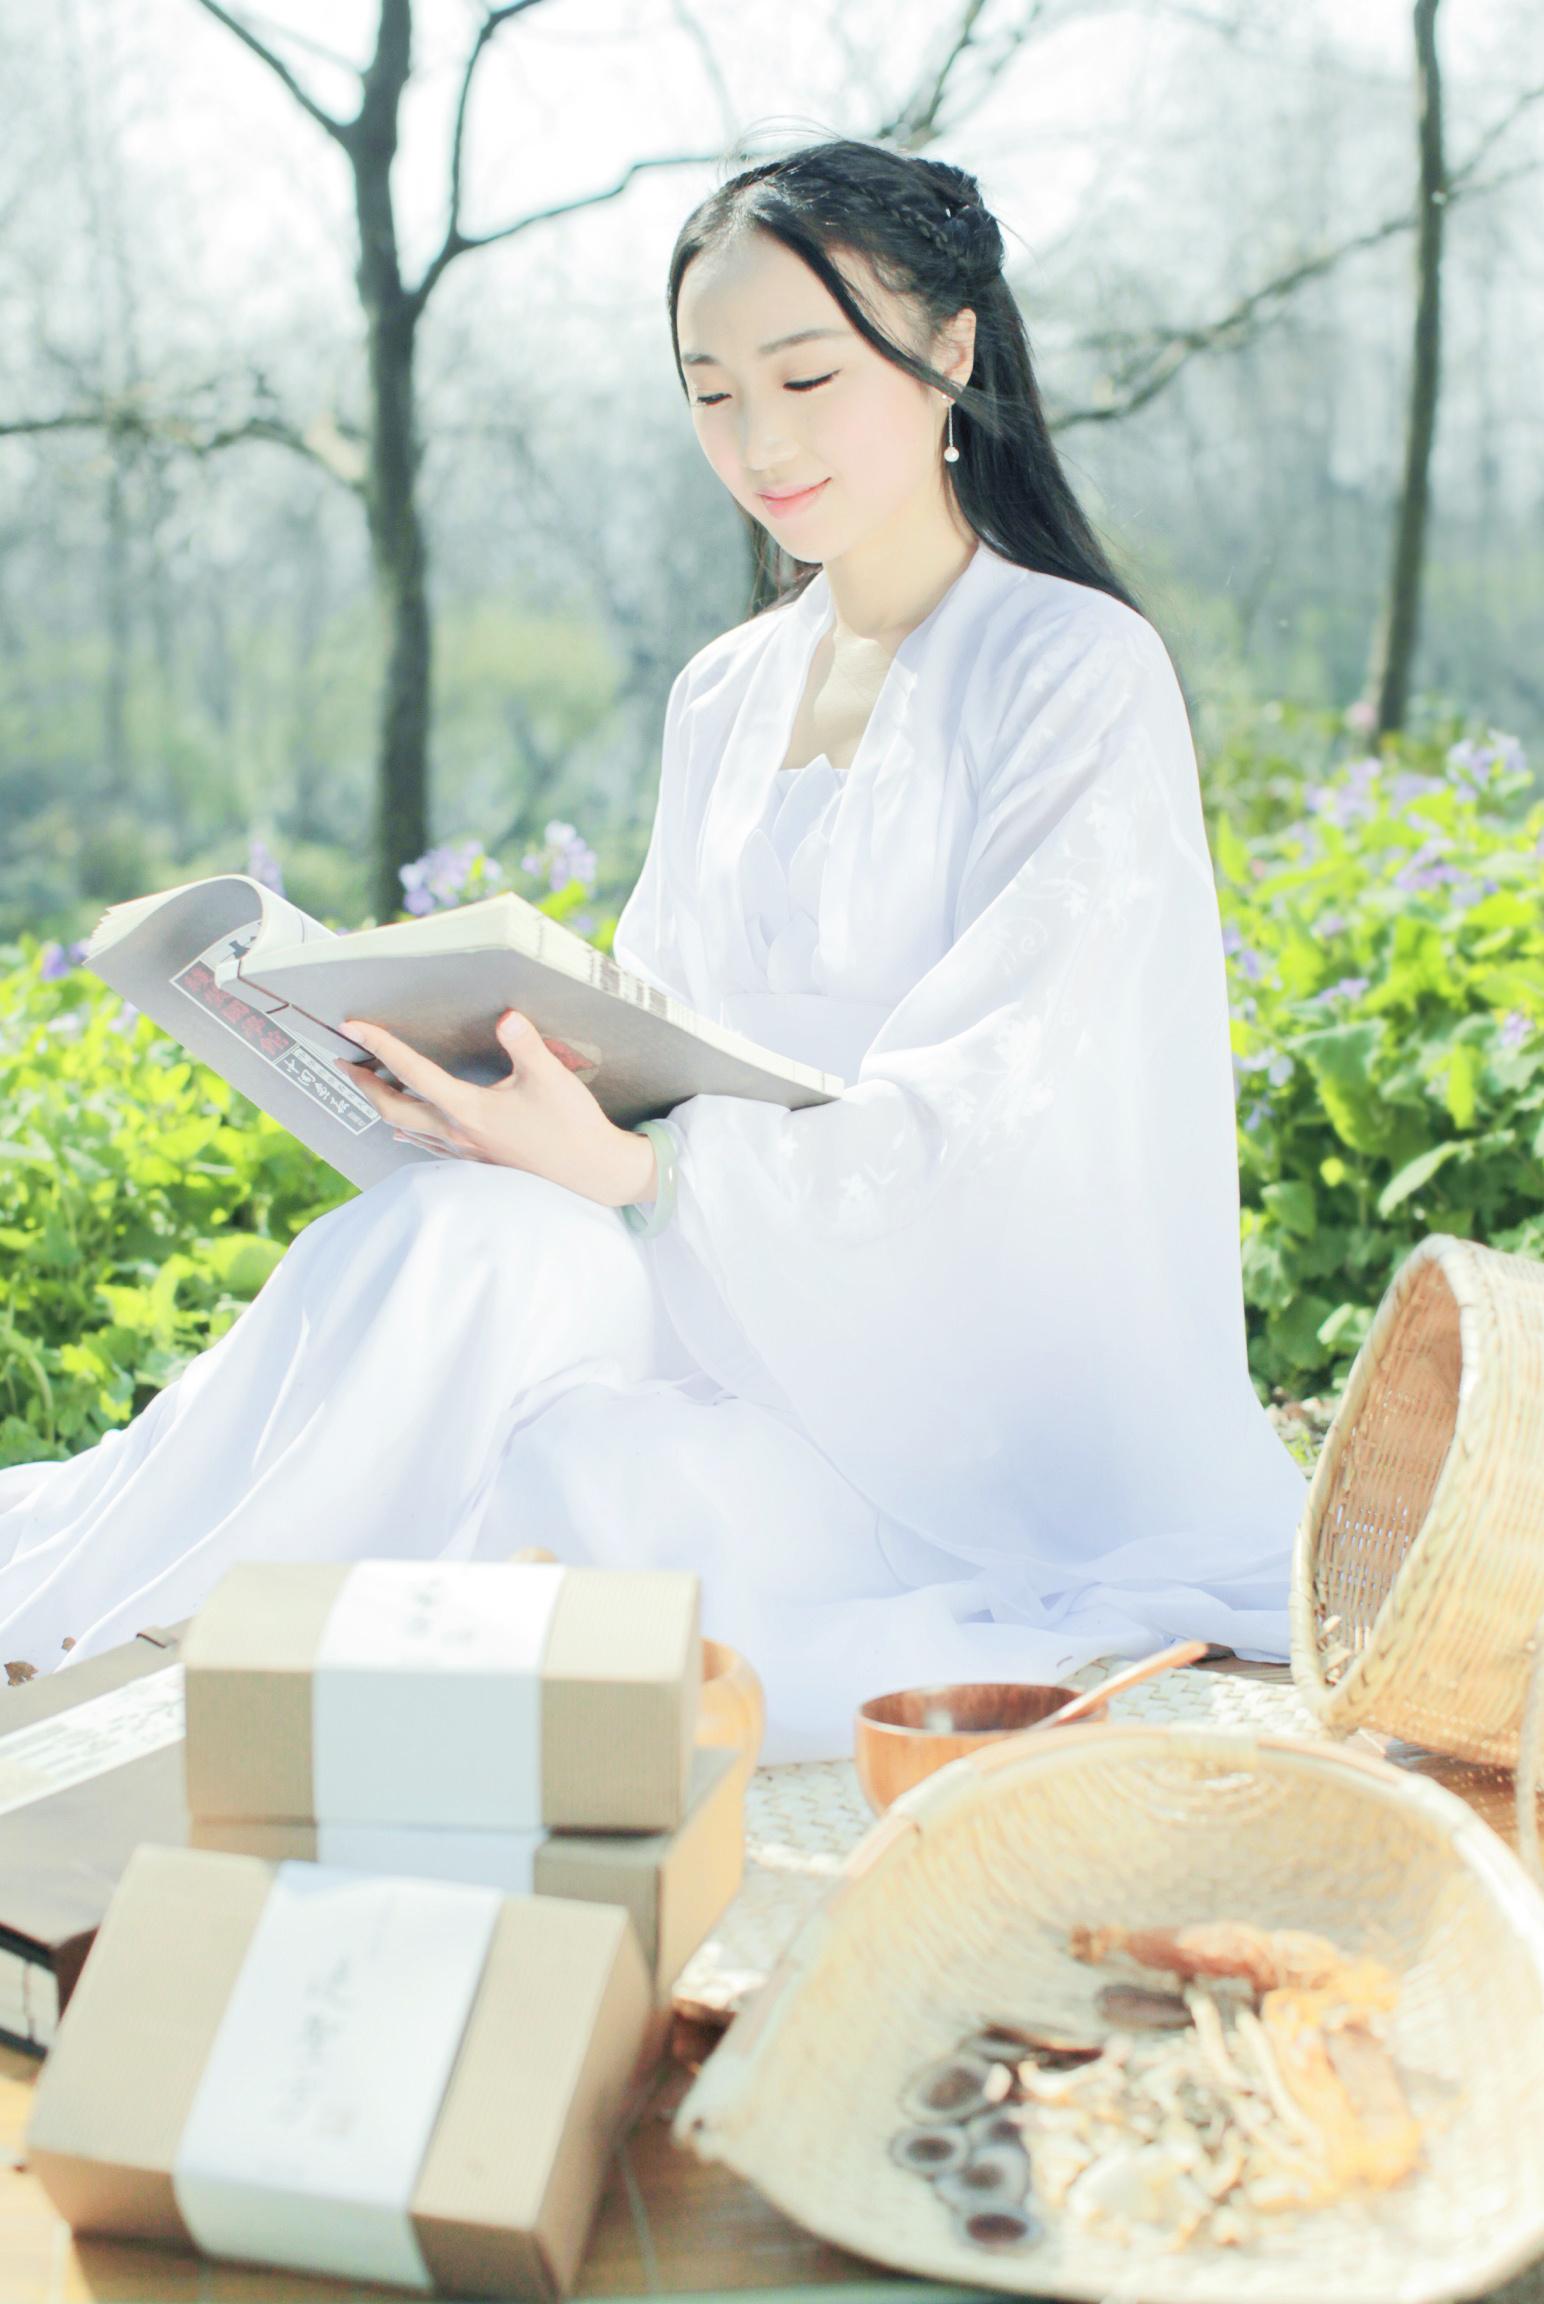 都市热门小说《一直都想嫁给你》免费阅读